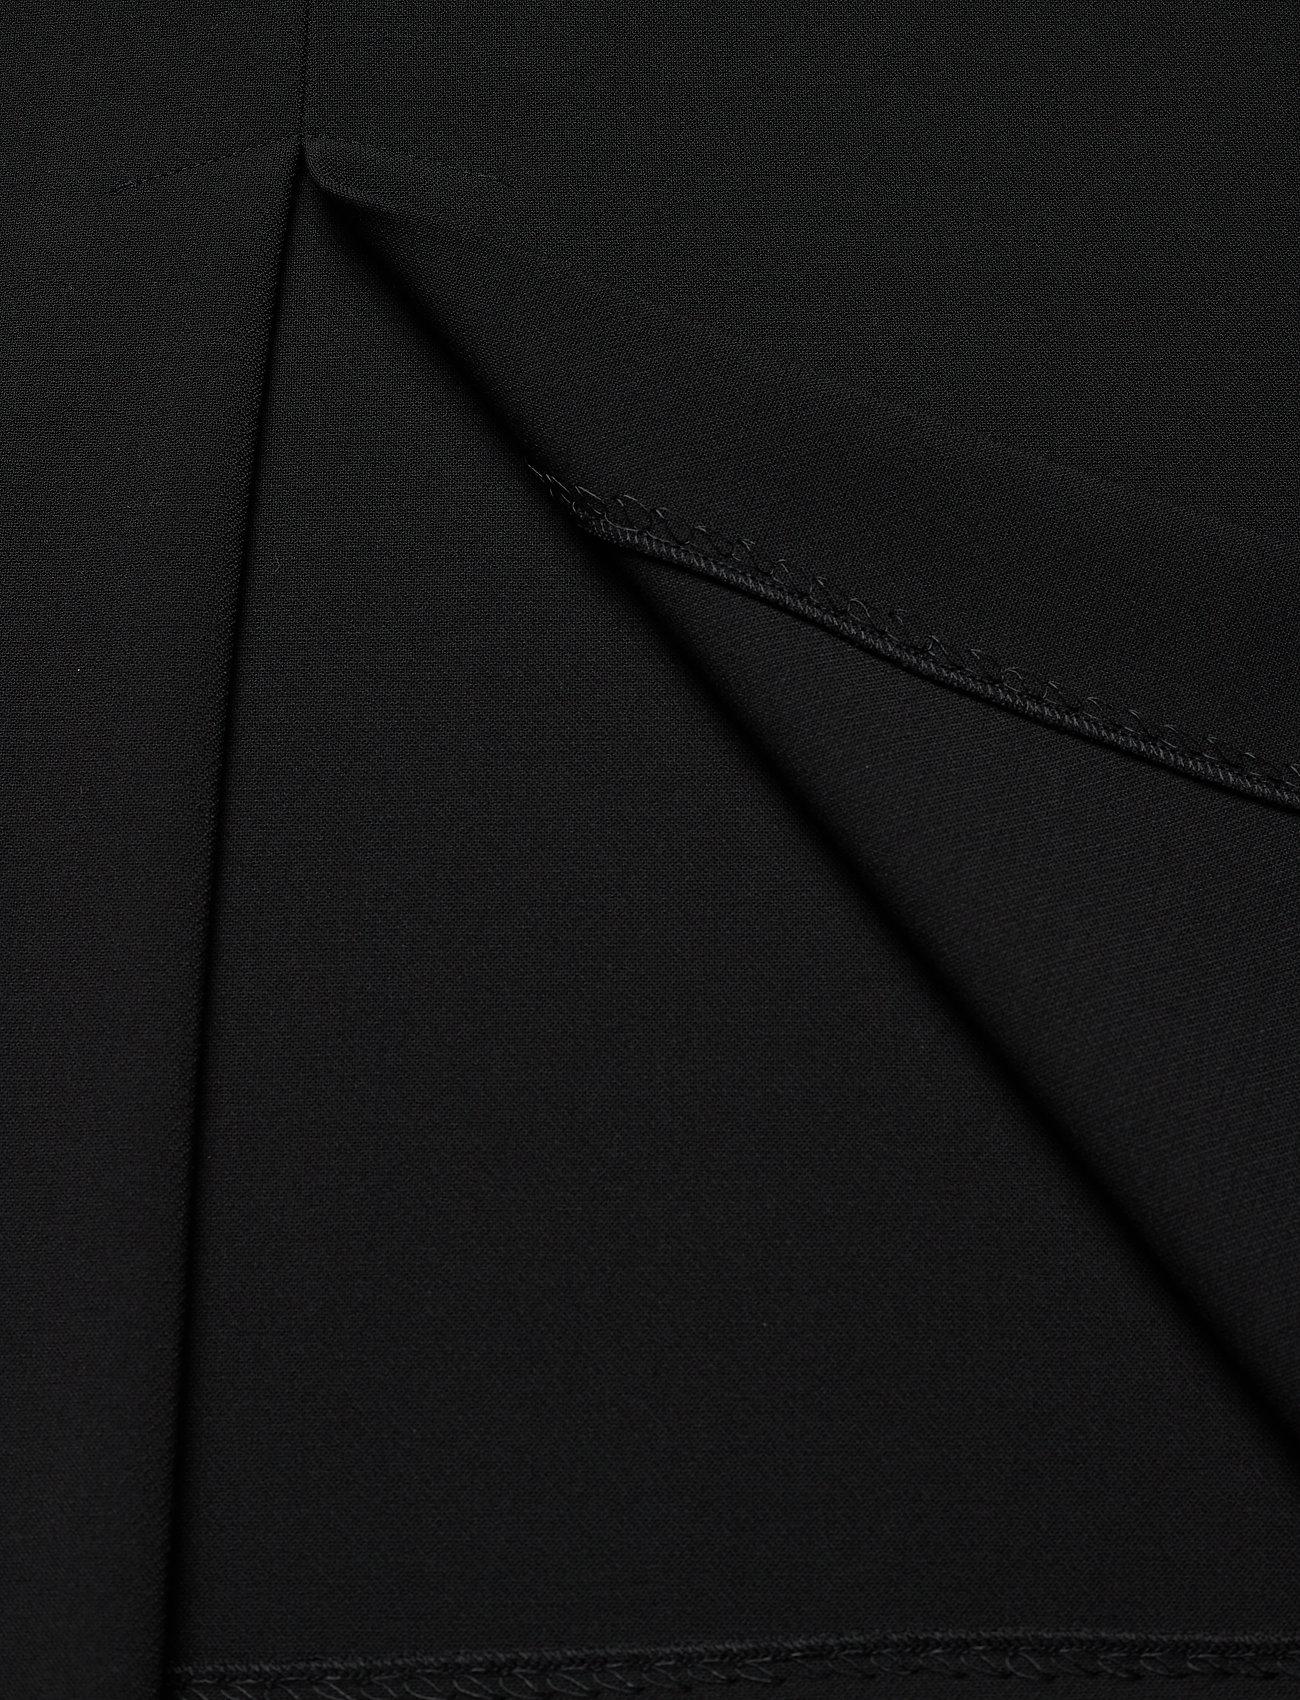 Lovechild 1979  elba shirt | Laaja valikoima alennustuotteita | Naisten vaatteet